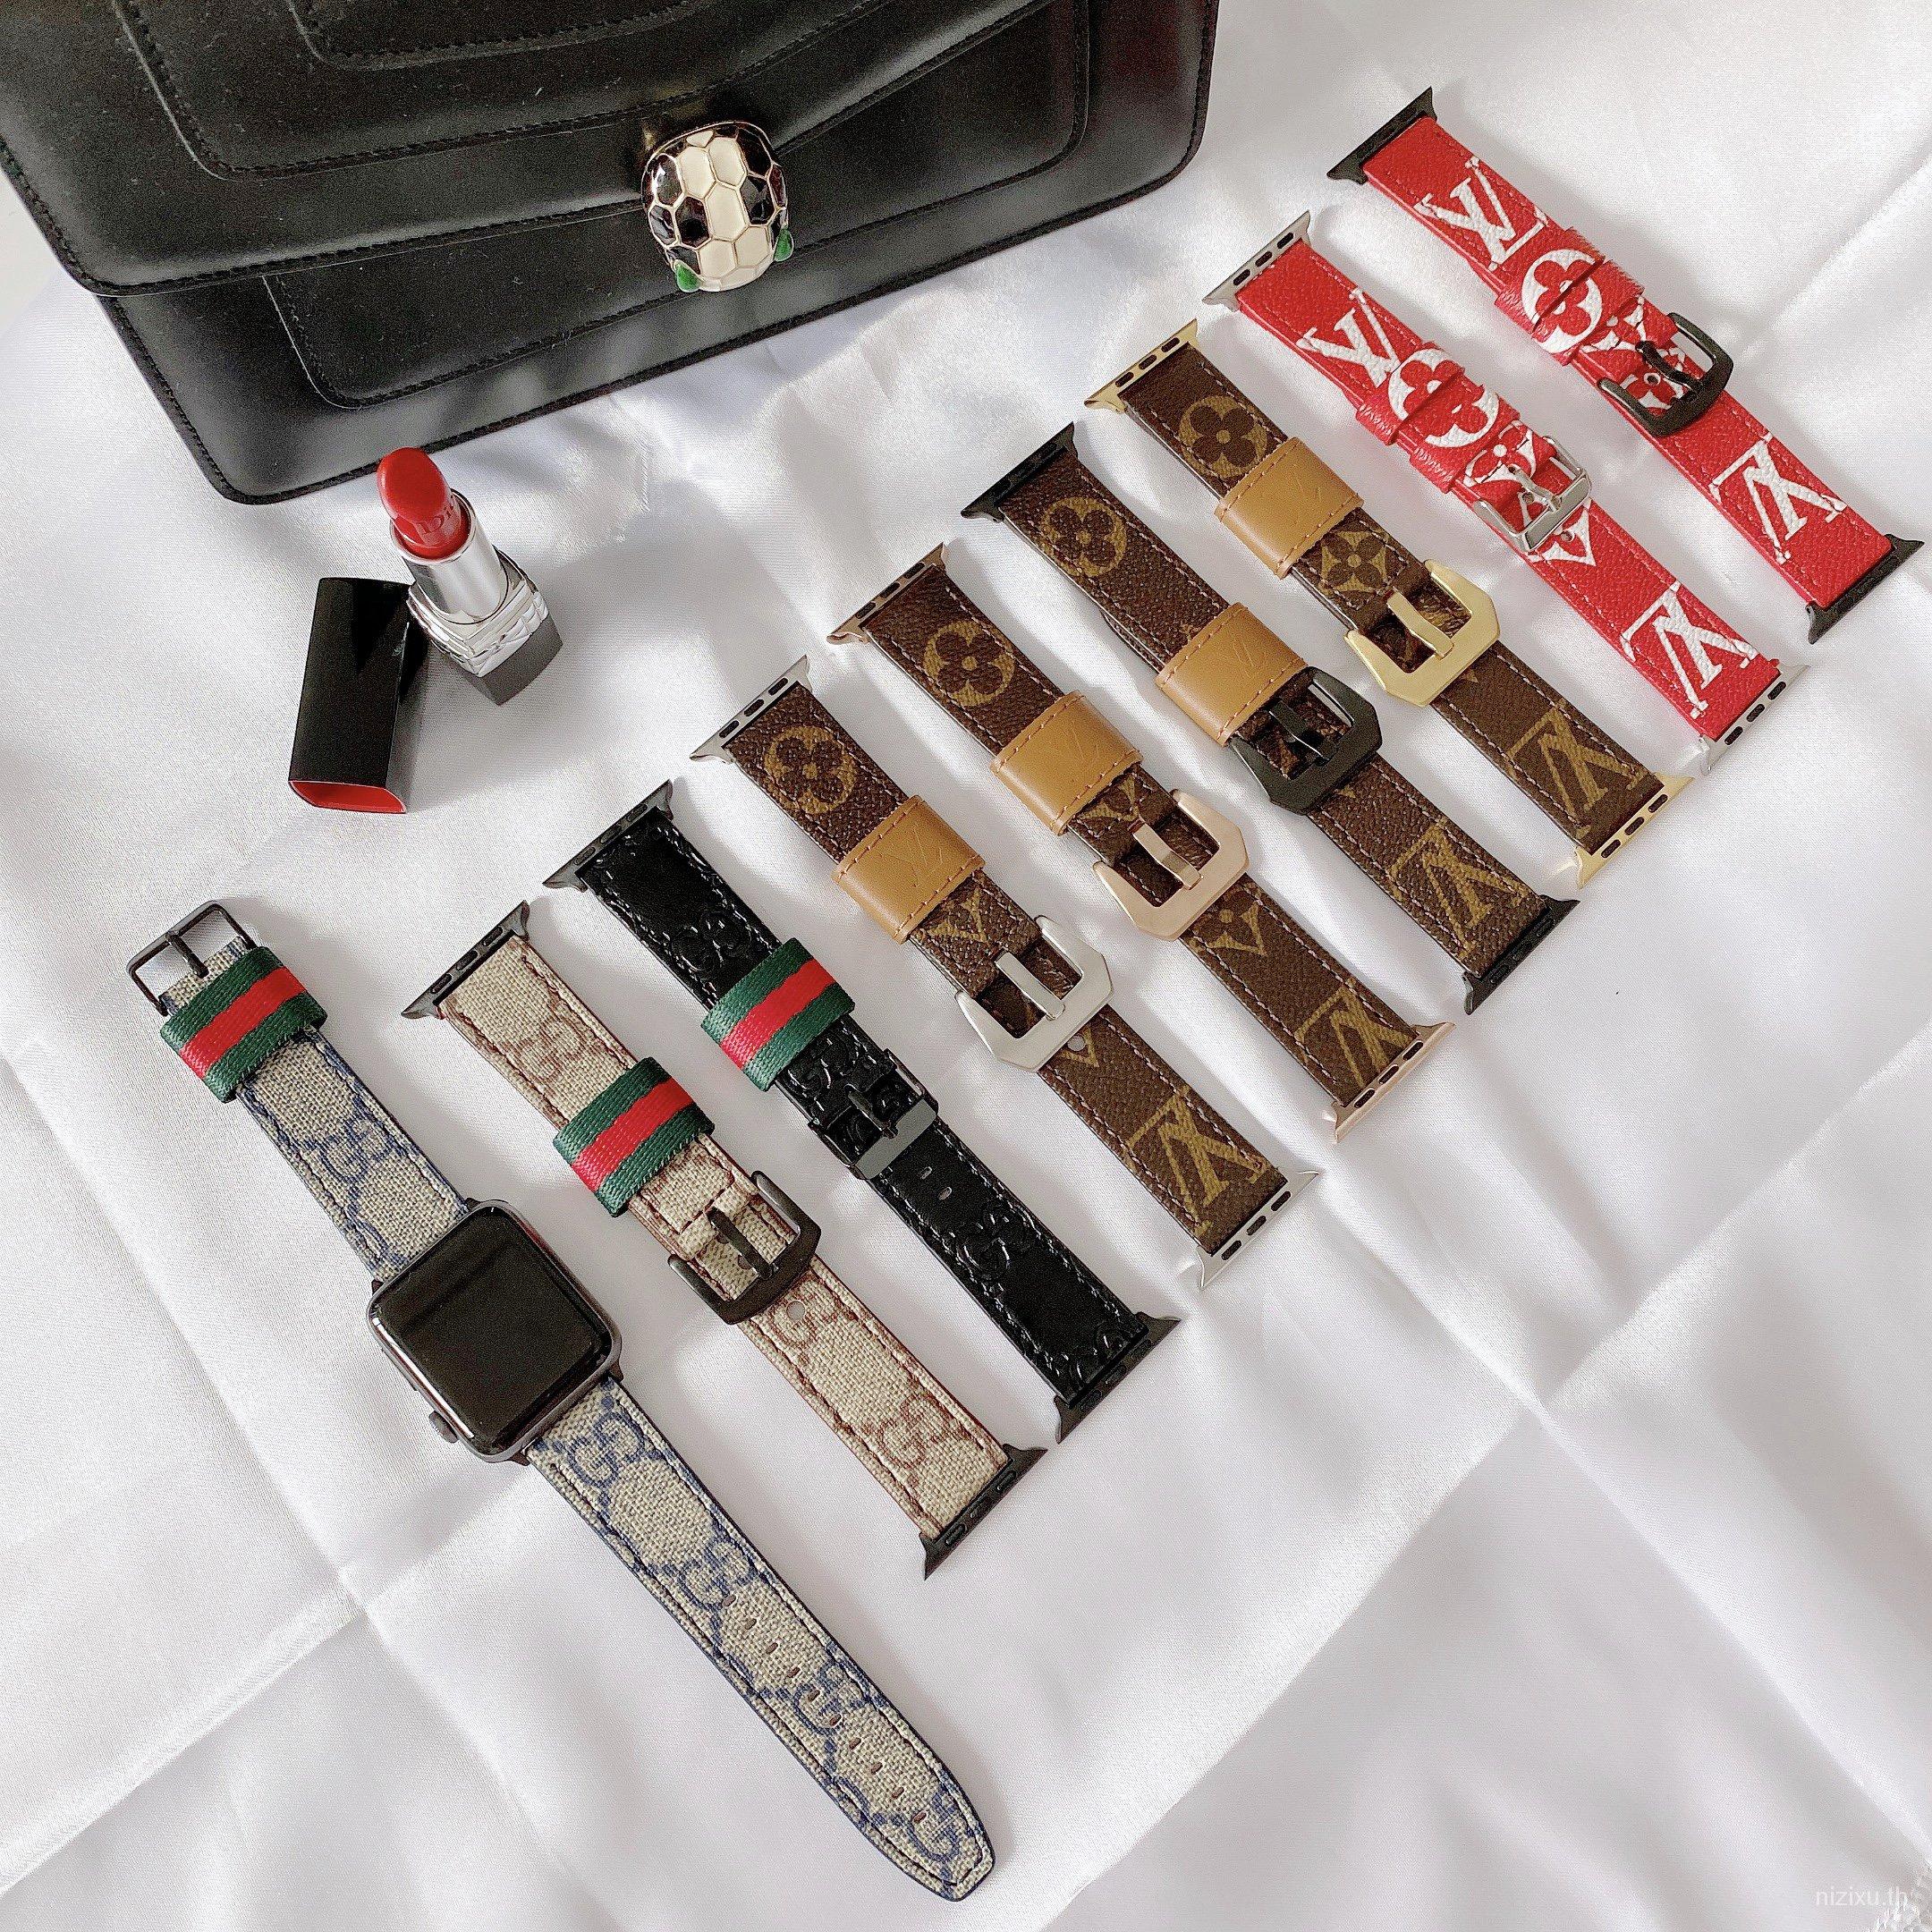 สายนาฬิกาข้อมือ Applewatch Series 6 สําหรับ Iwatch5 / 4 / 3 / 2 / 1 38-44 มม . Gl5P